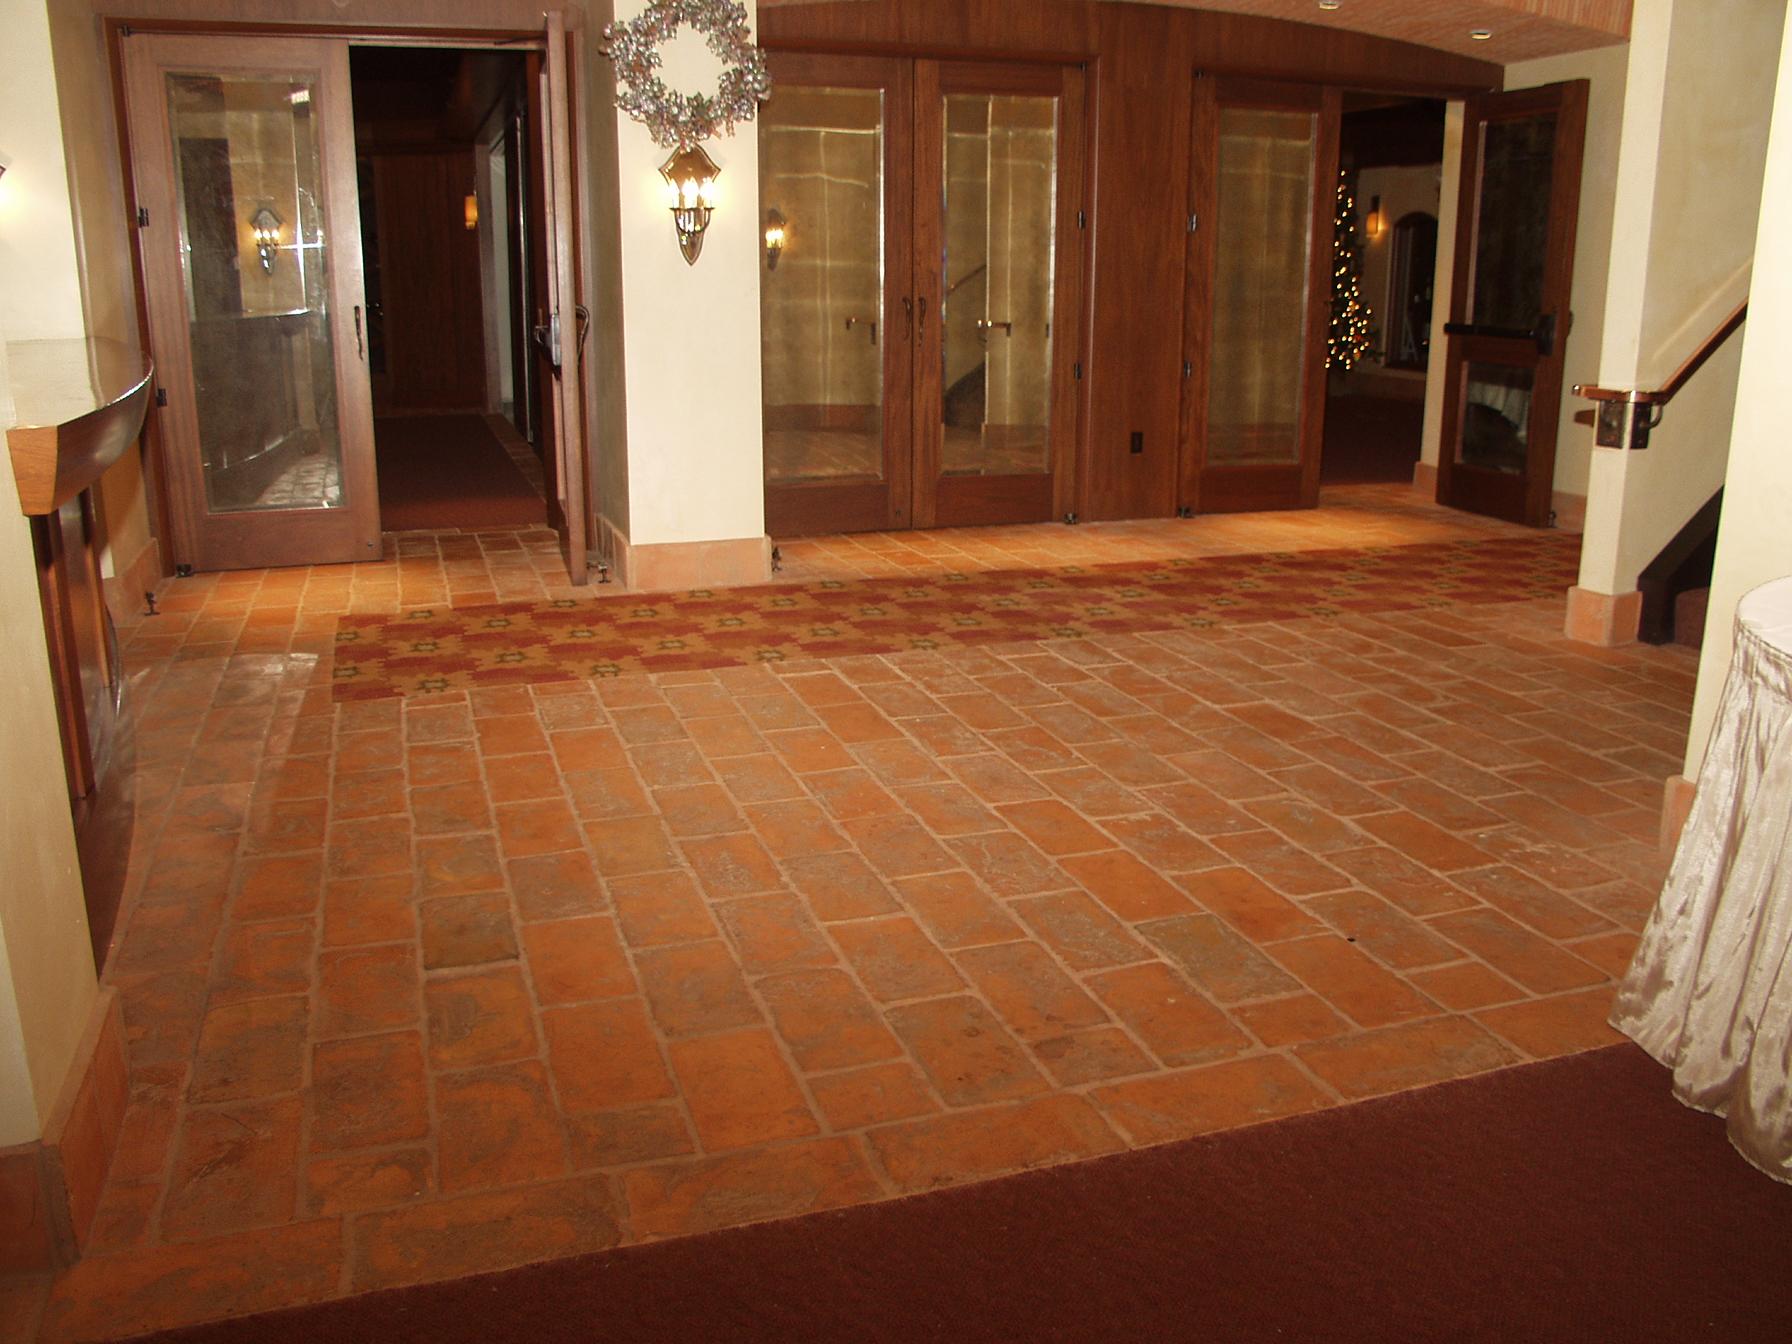 Terra cotta floor.JPG